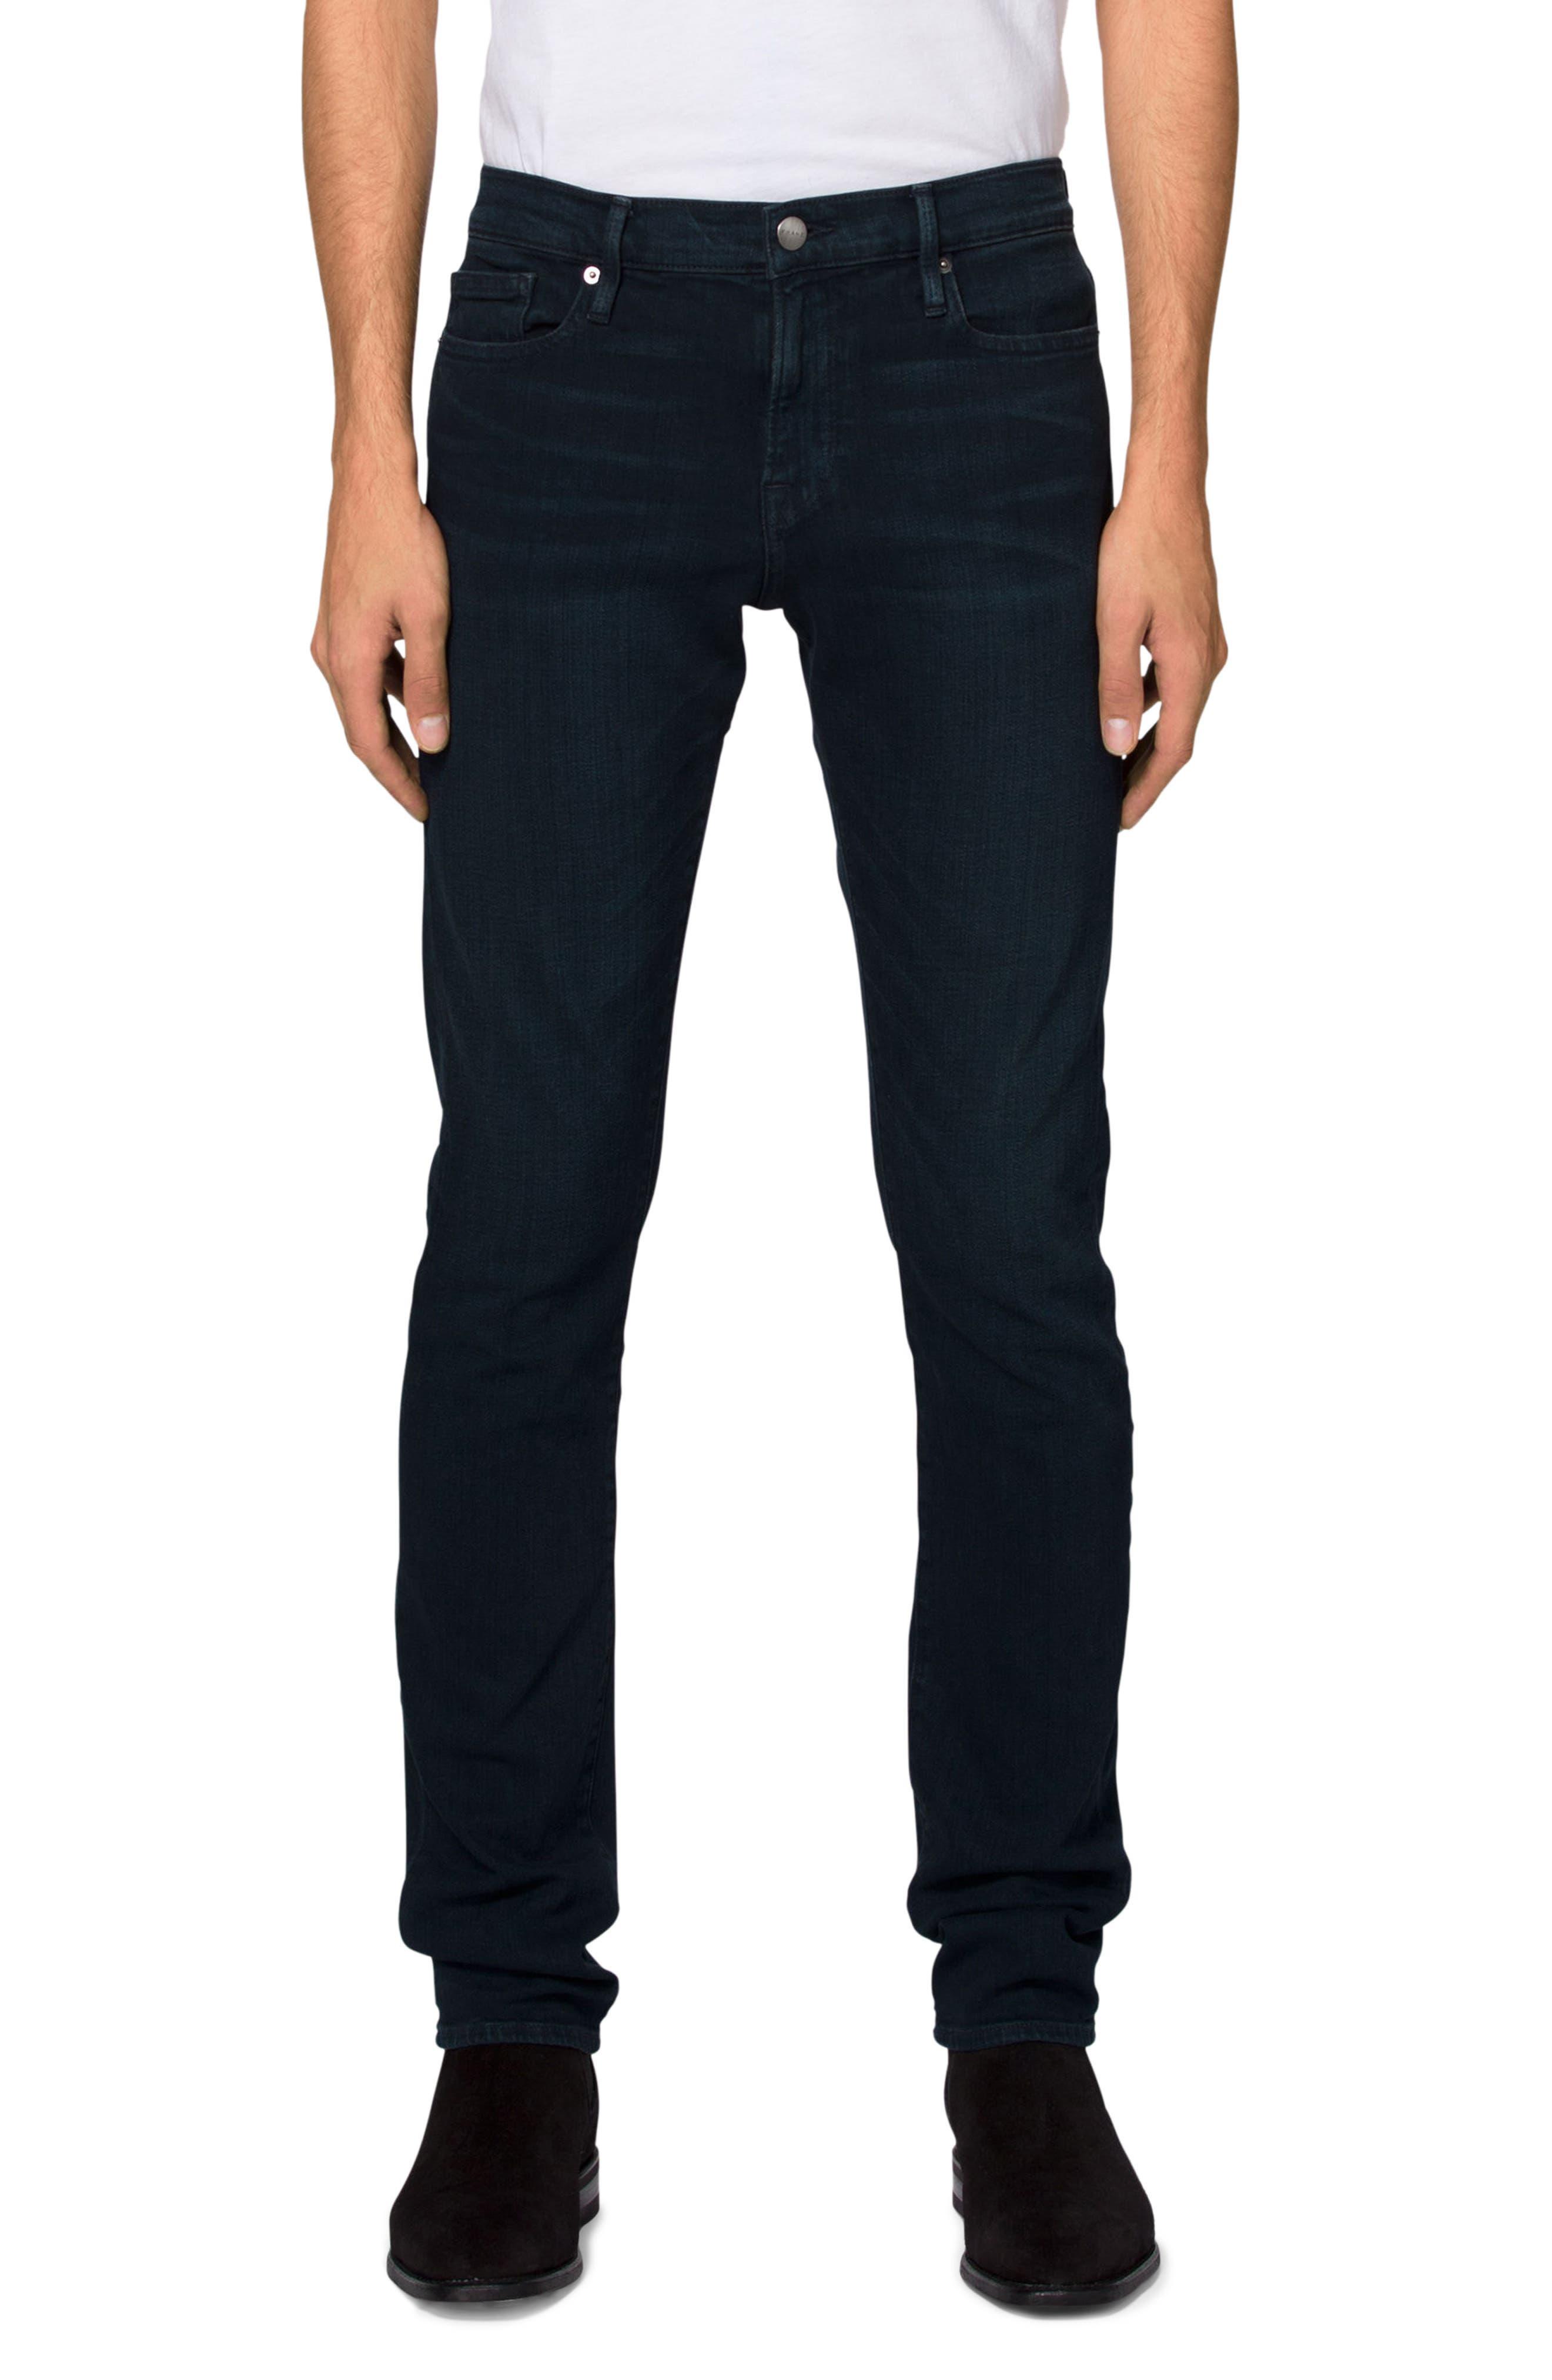 'L'Homme' Slim Fit Jeans,                             Main thumbnail 1, color,                             PLACID